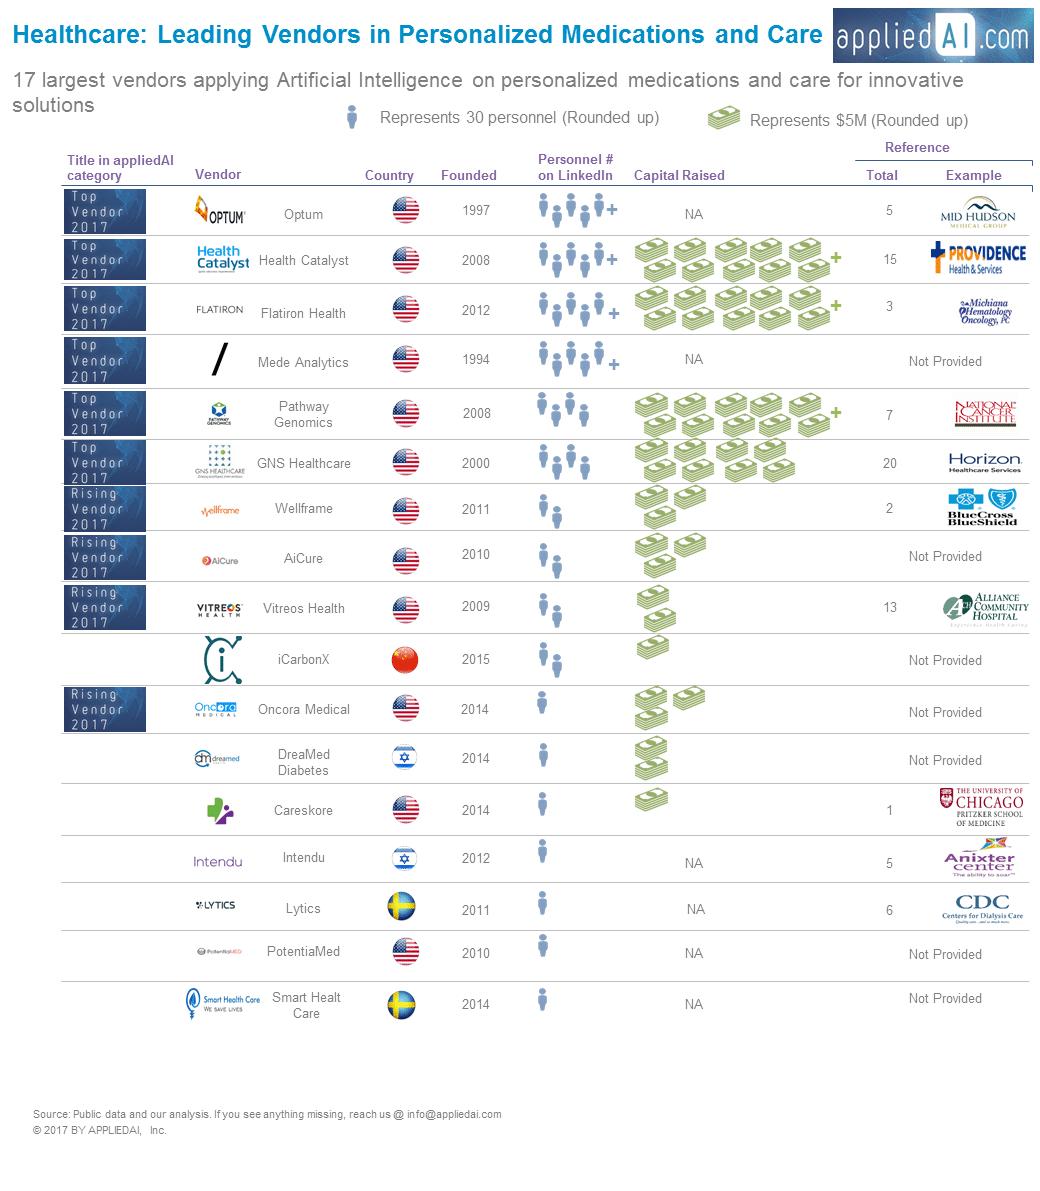 43 healthcare vendors using AI [2019 update]